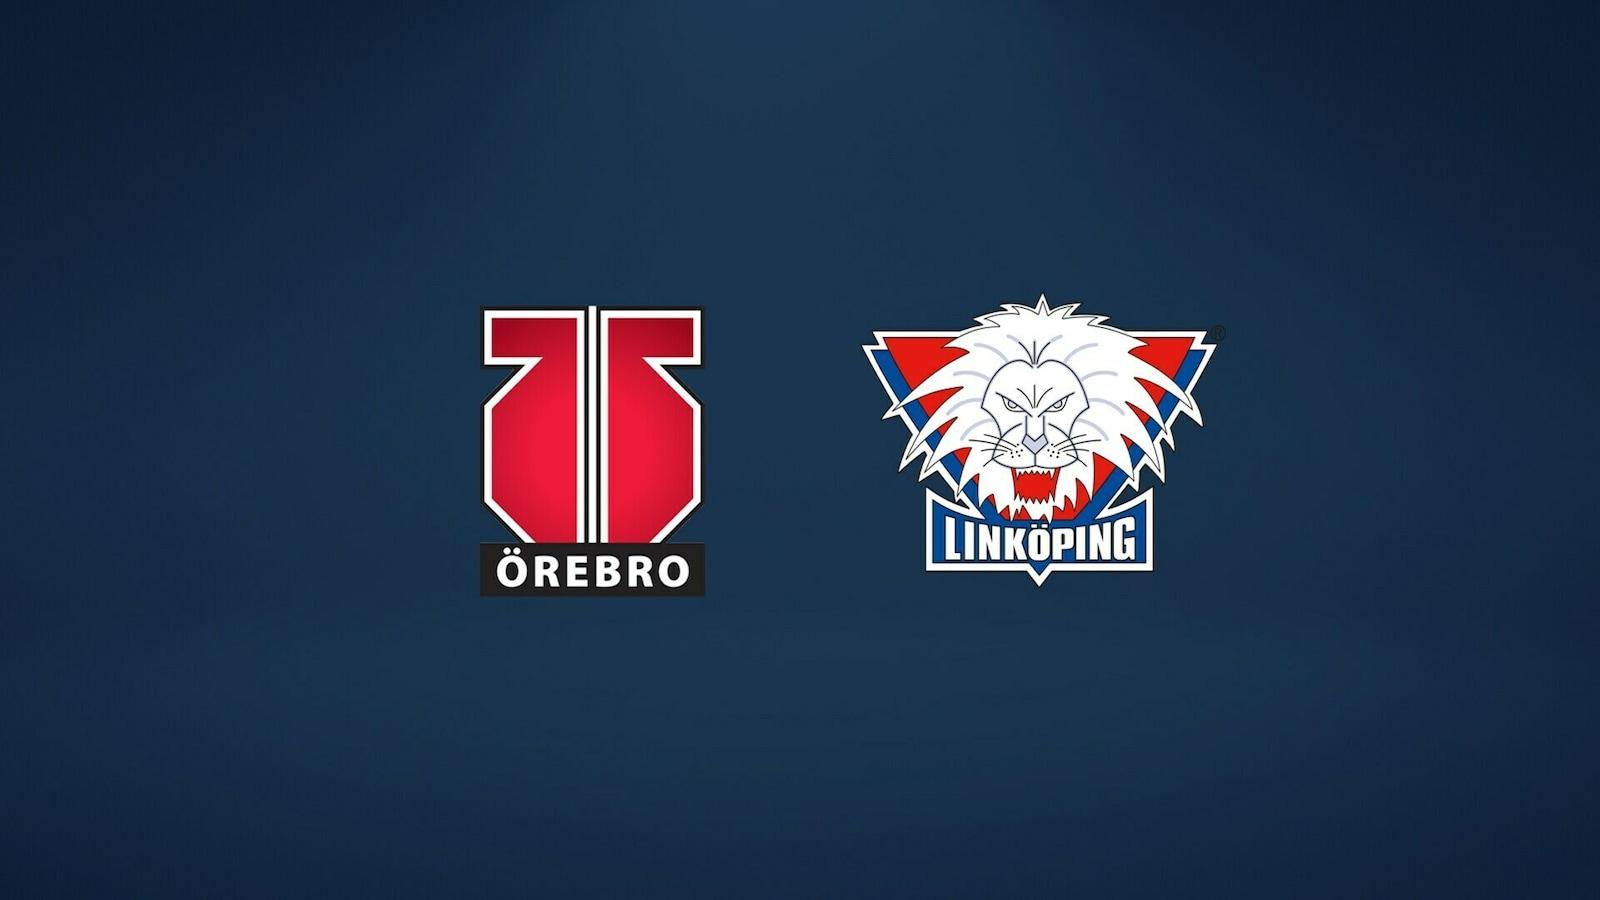 Örebro - Linköping